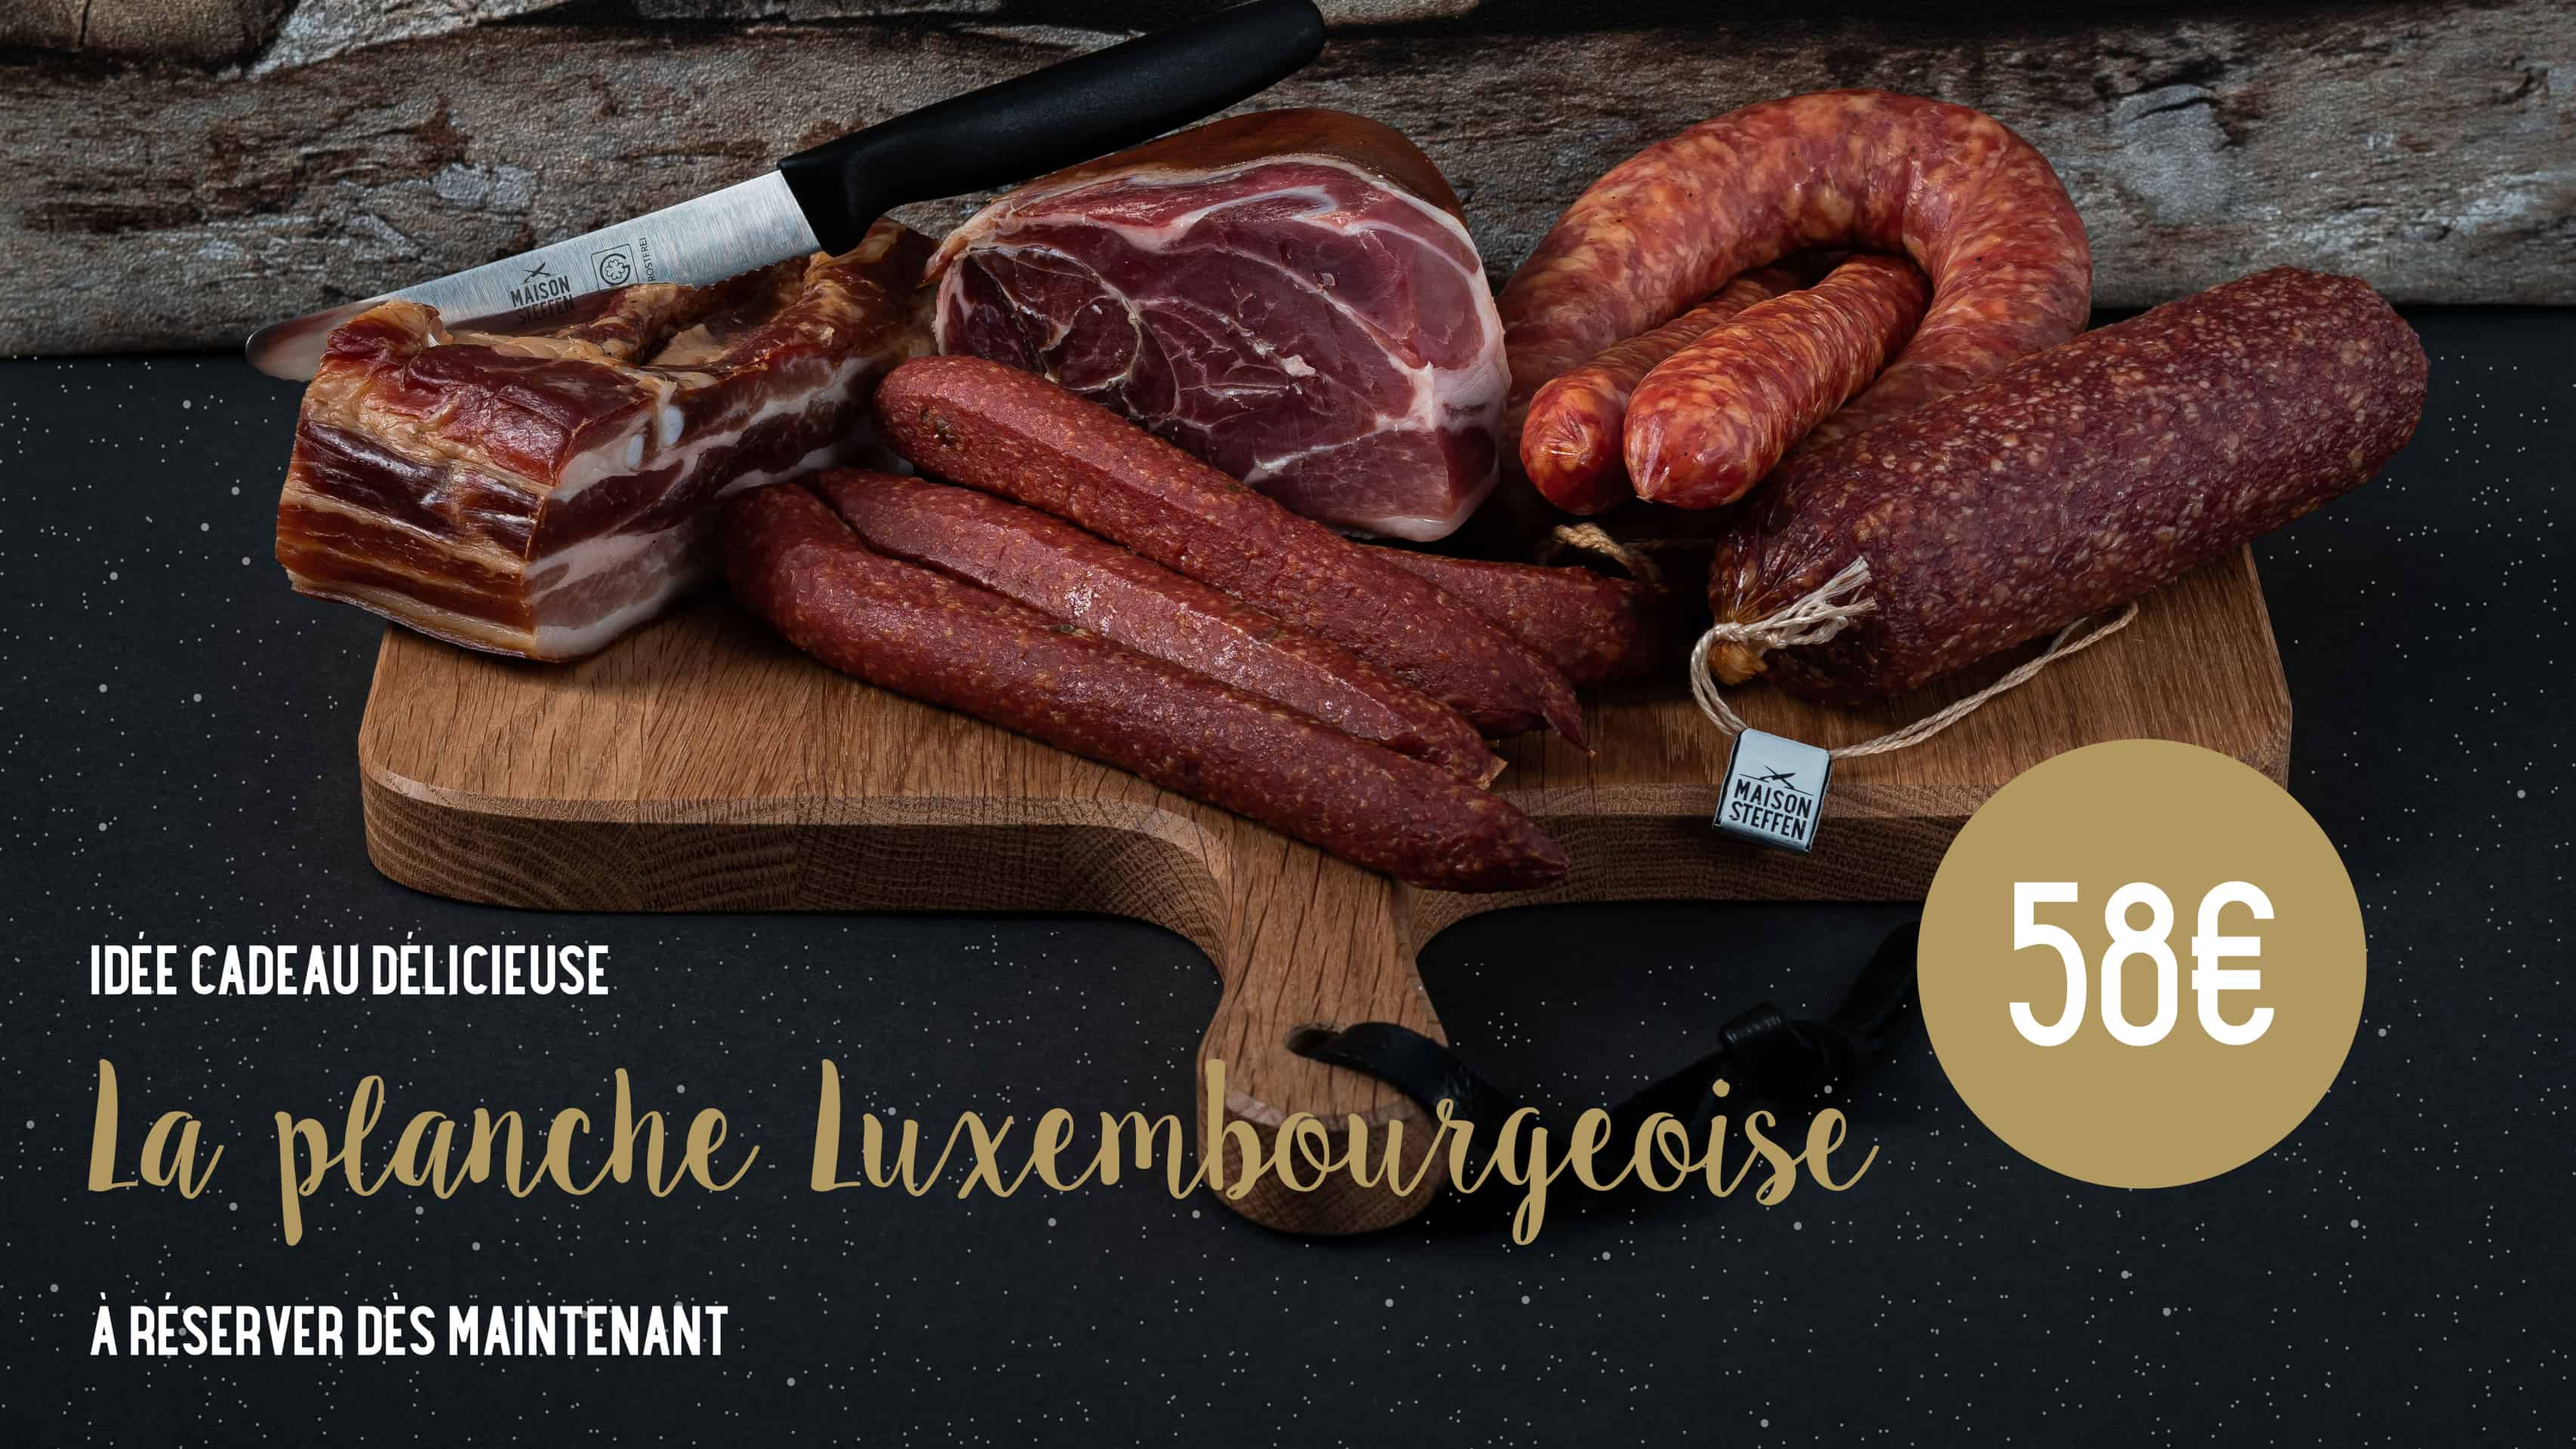 Planche luxembourgeoise Idée cadeau pour homme noel nouvel an fetes de fin d'année maison steffen boucherie luxembourg